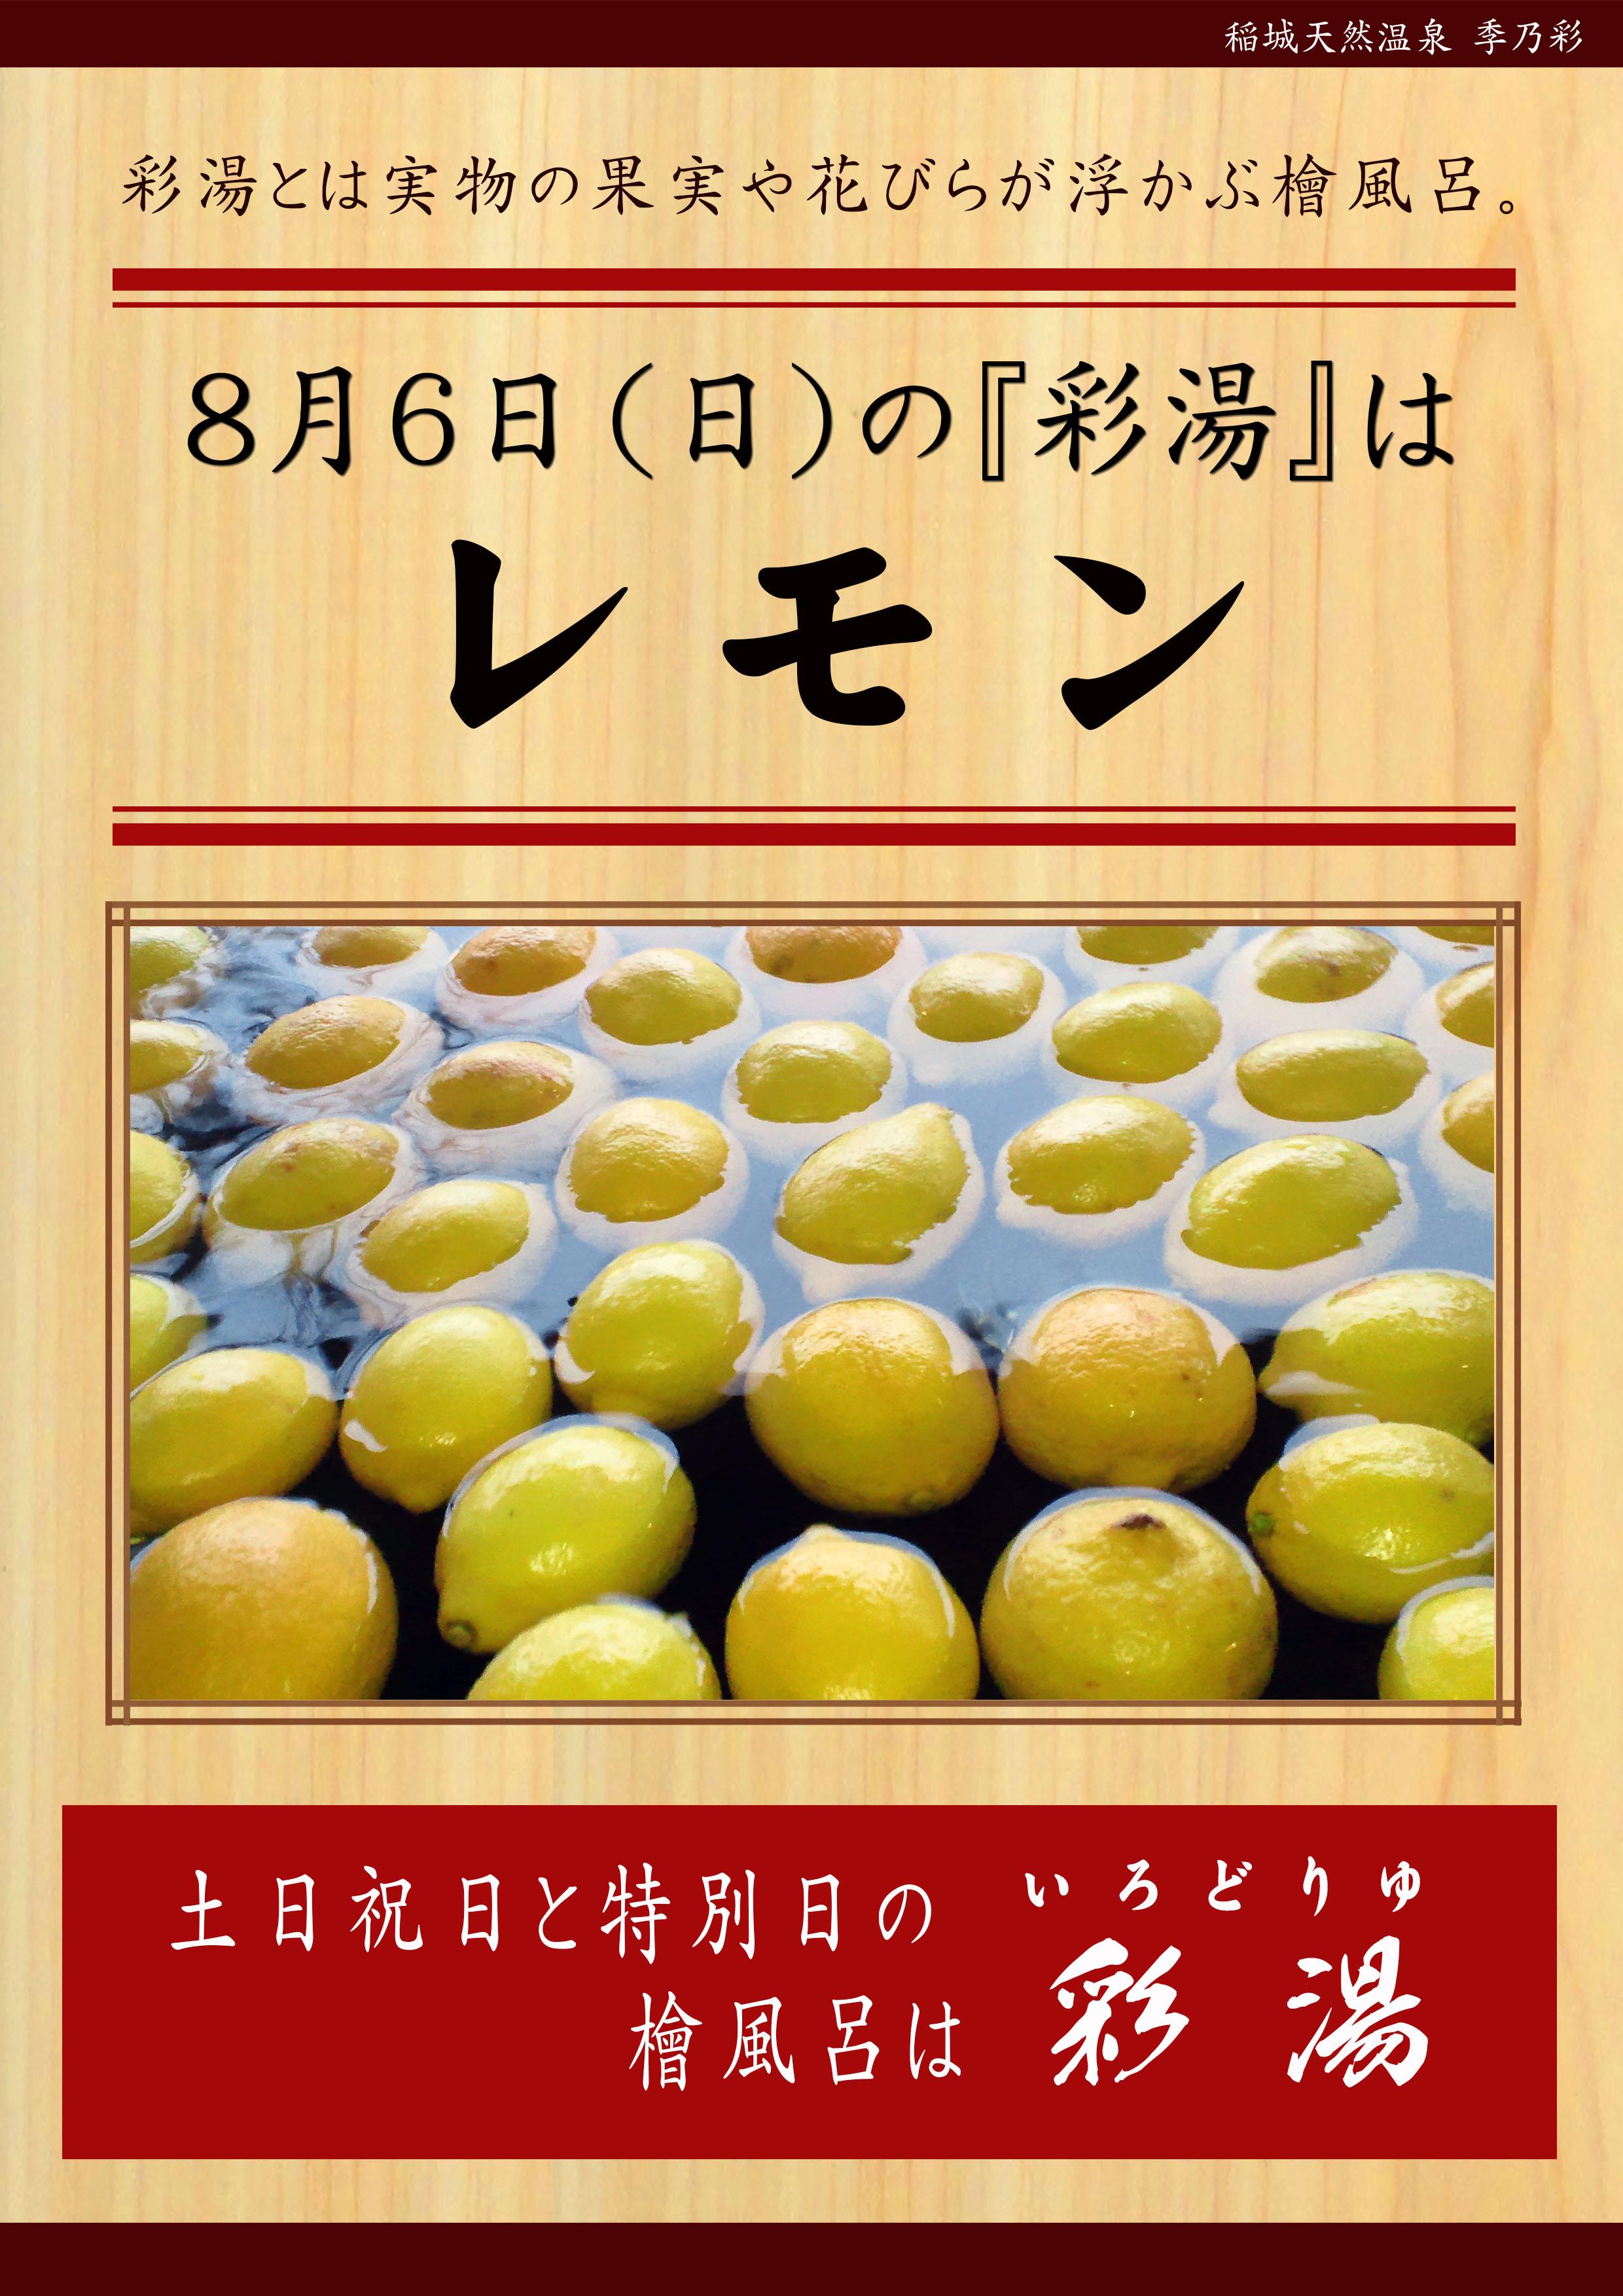 20170806POP イベント 彩湯 レモン